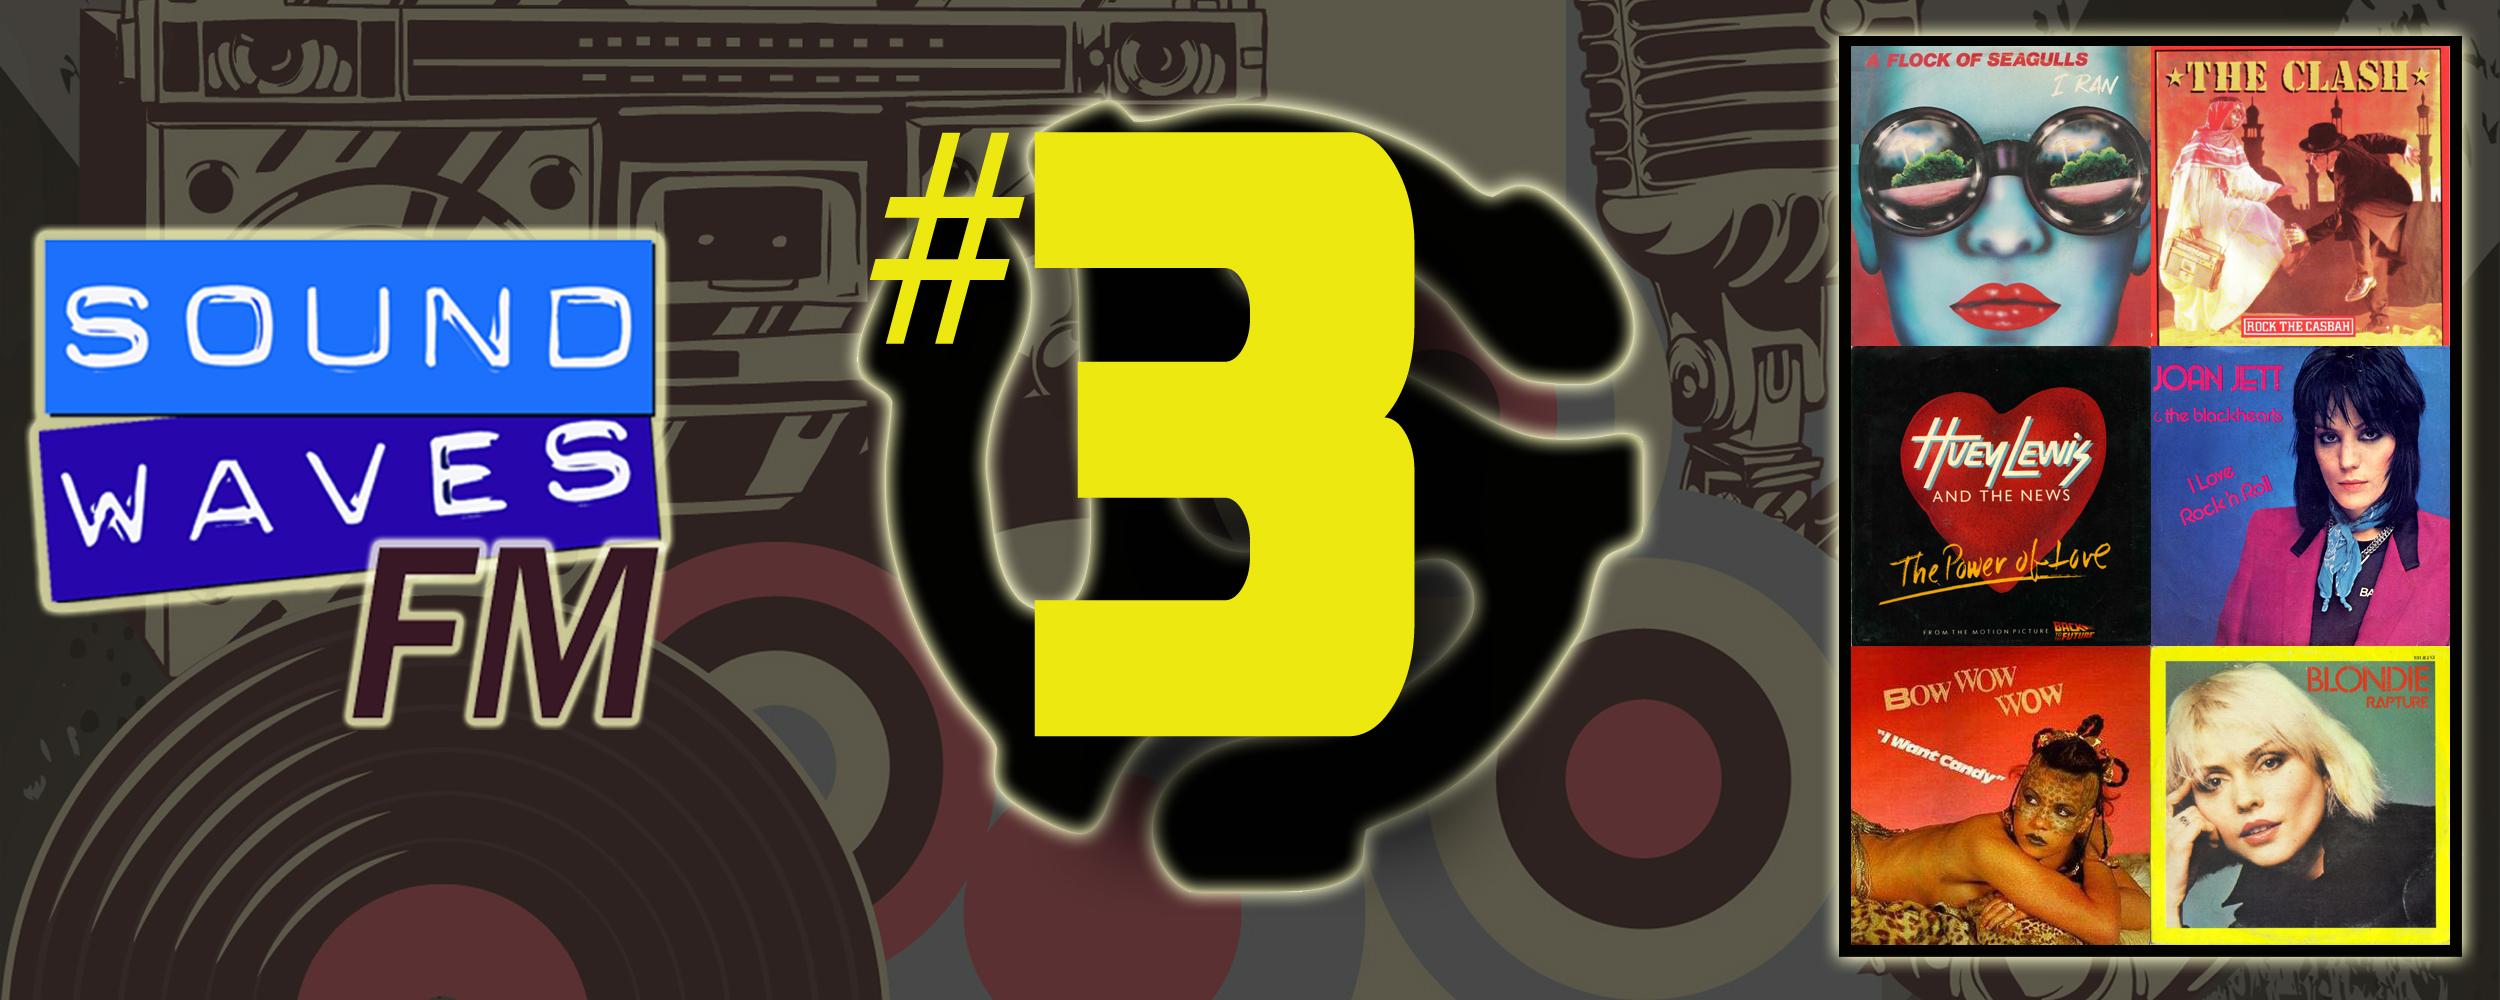 Soundwaves FM, Episode 3